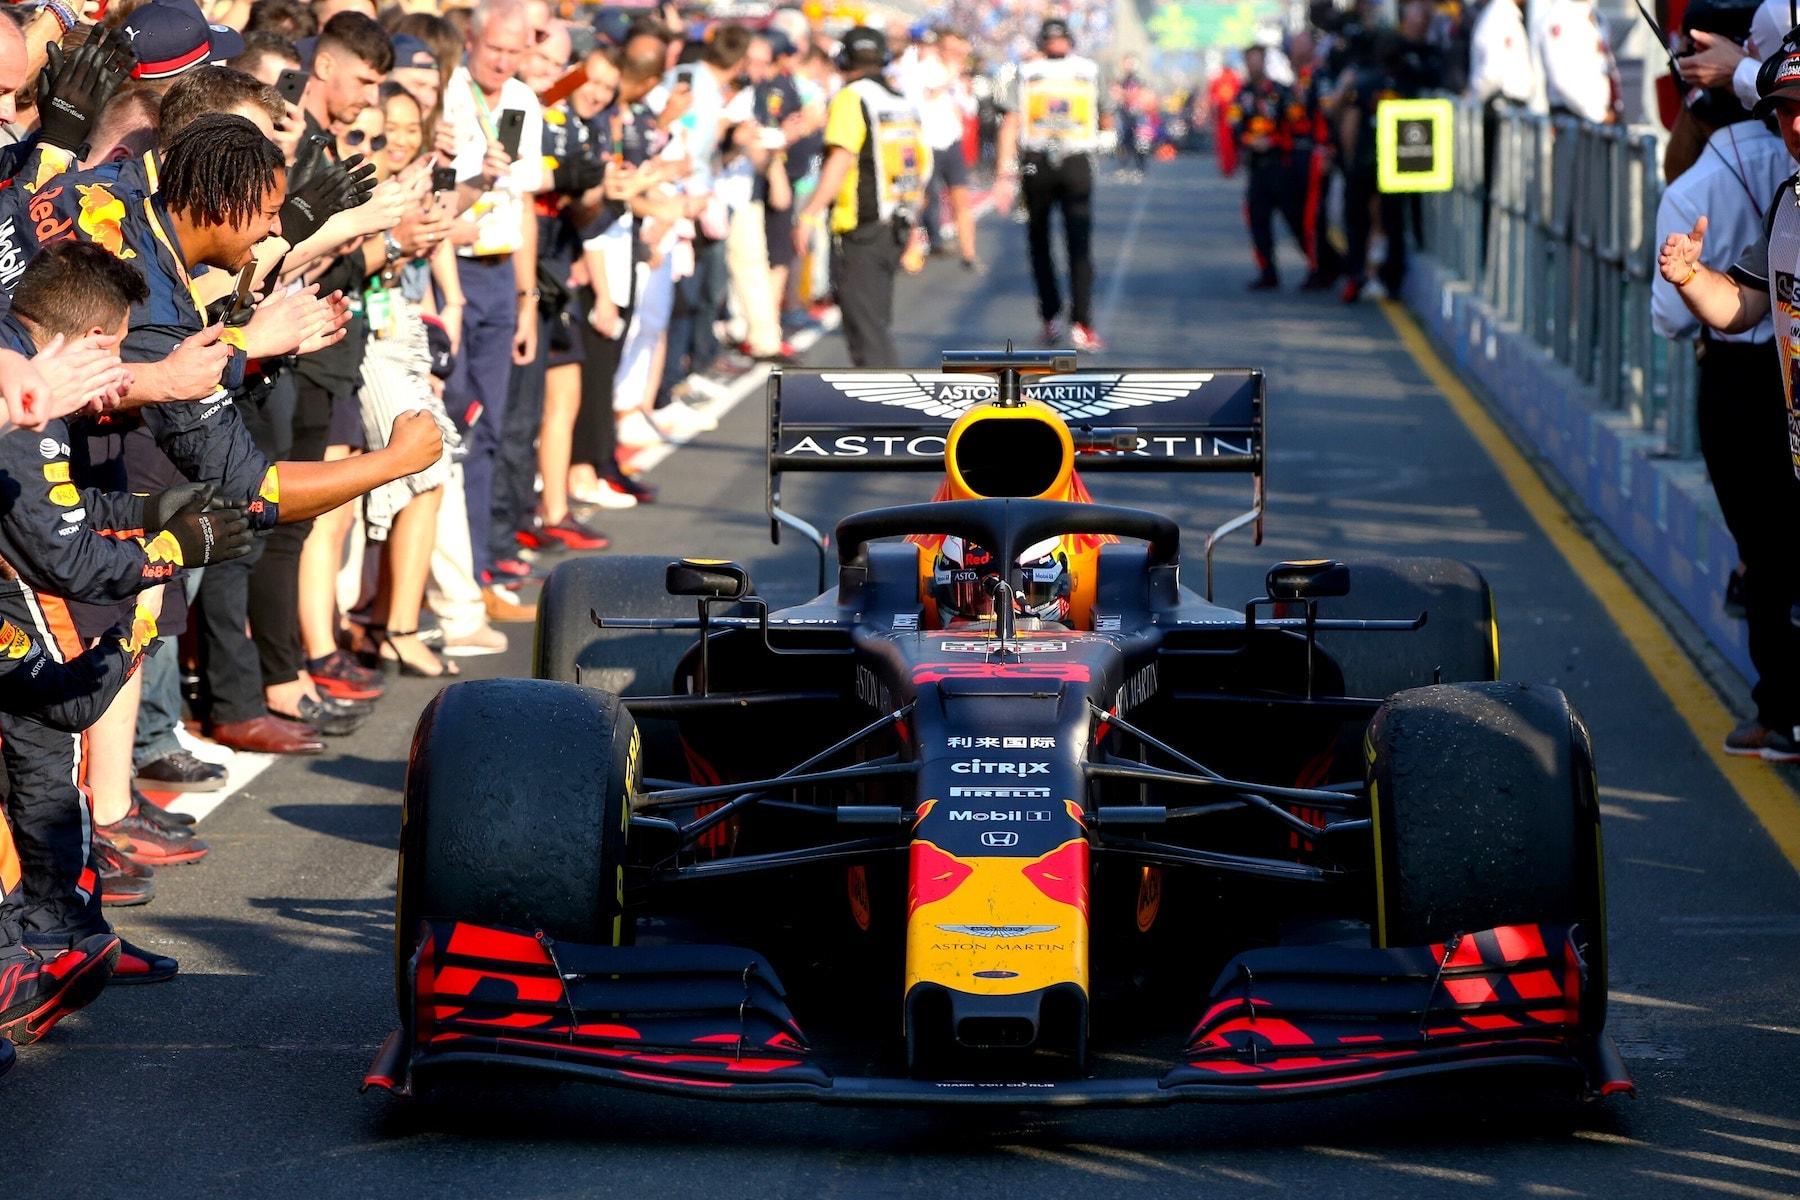 W 2019 Max Verstappen | Red Bull RB15 | 2019 Australian GP P3 6 copy.jpg